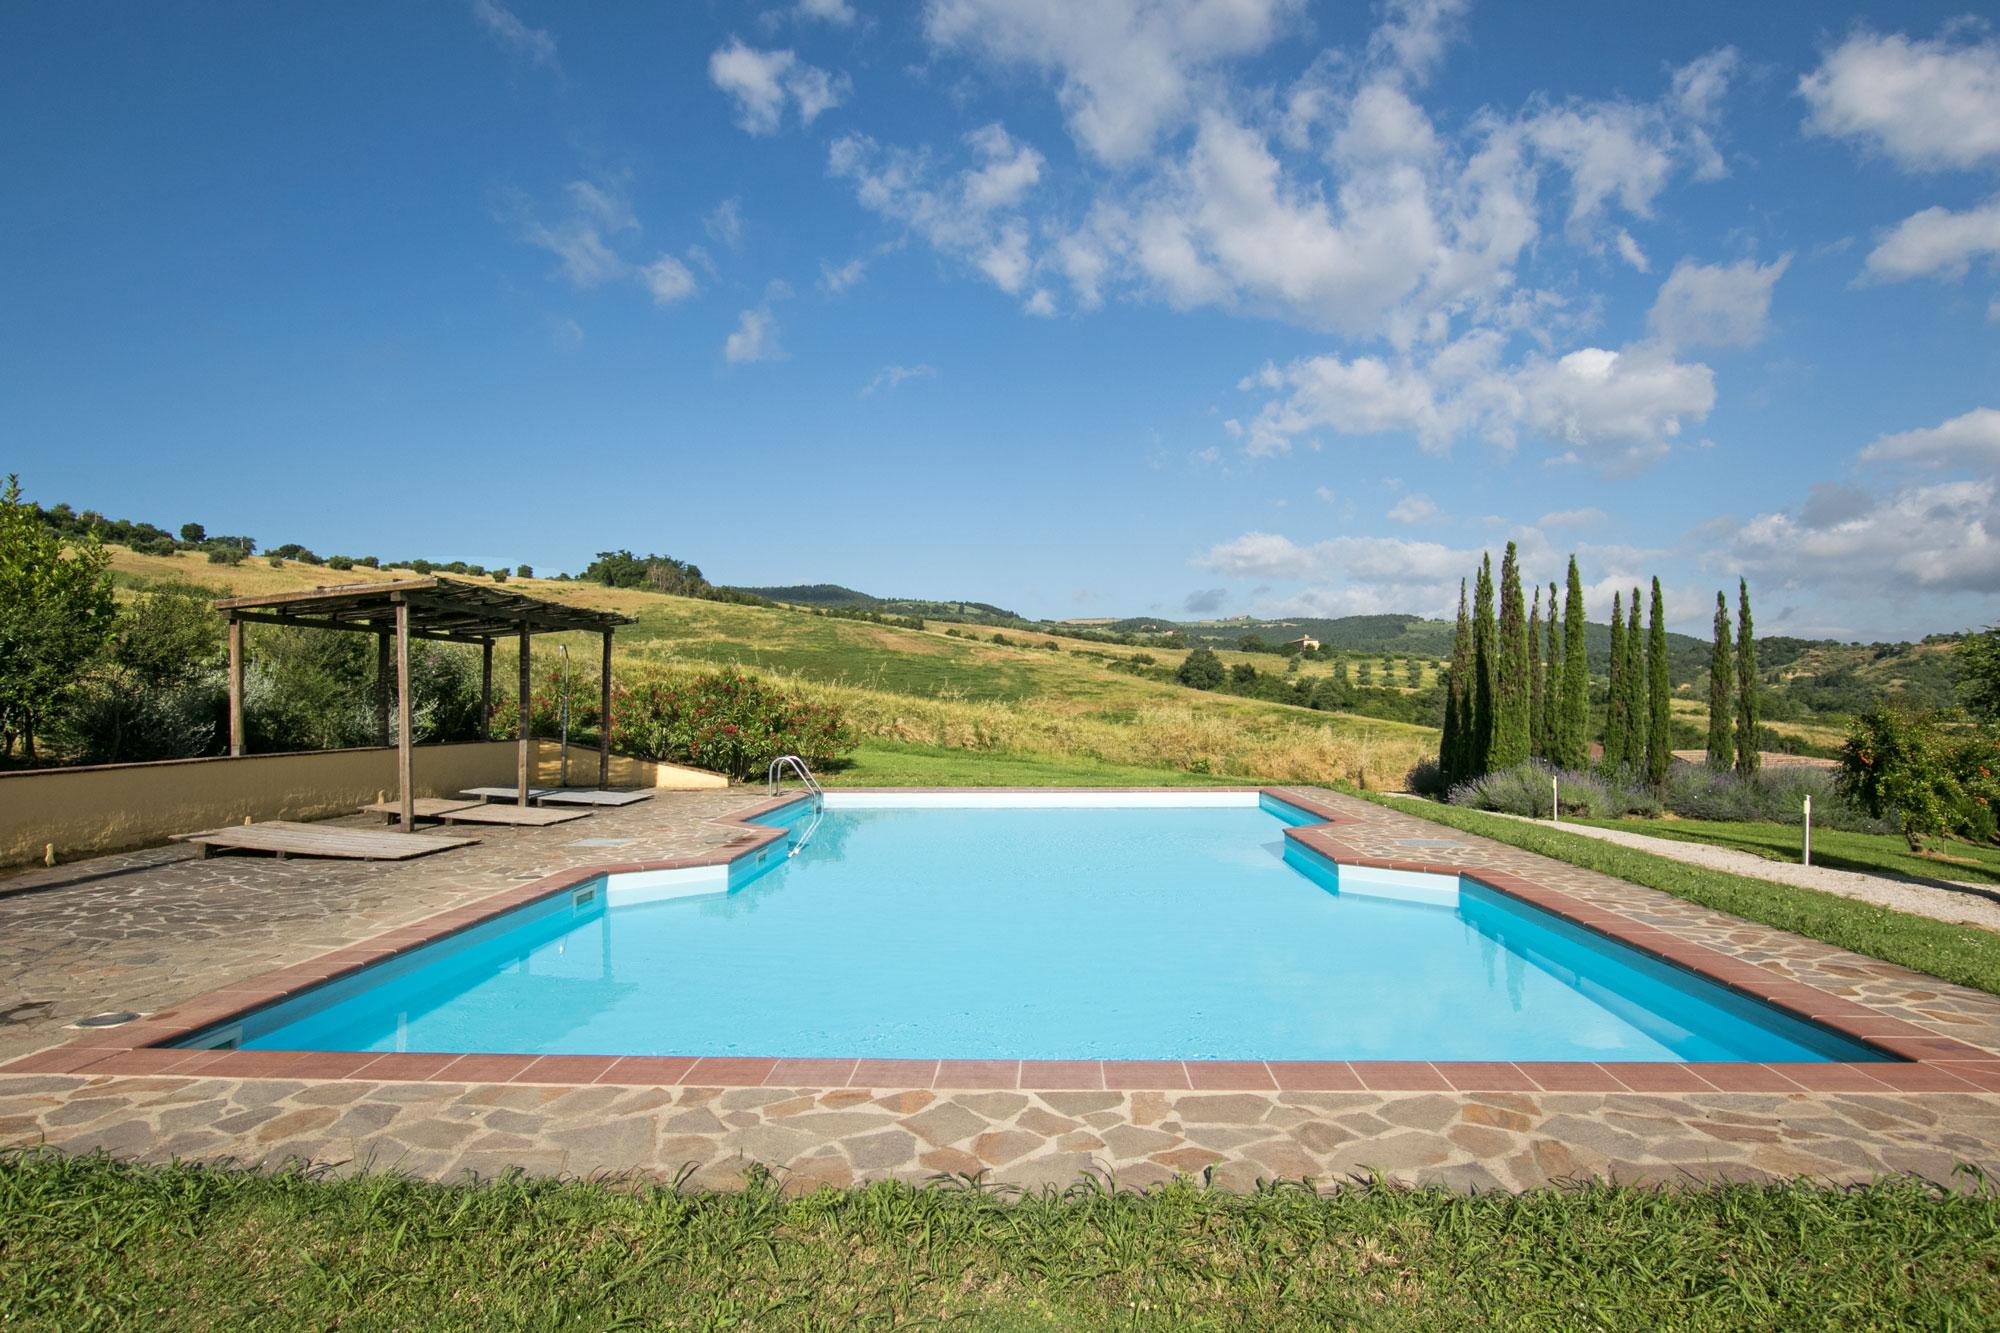 Vente part de ferme avec piscine entre montepulciano et for Vente accessoire piscine